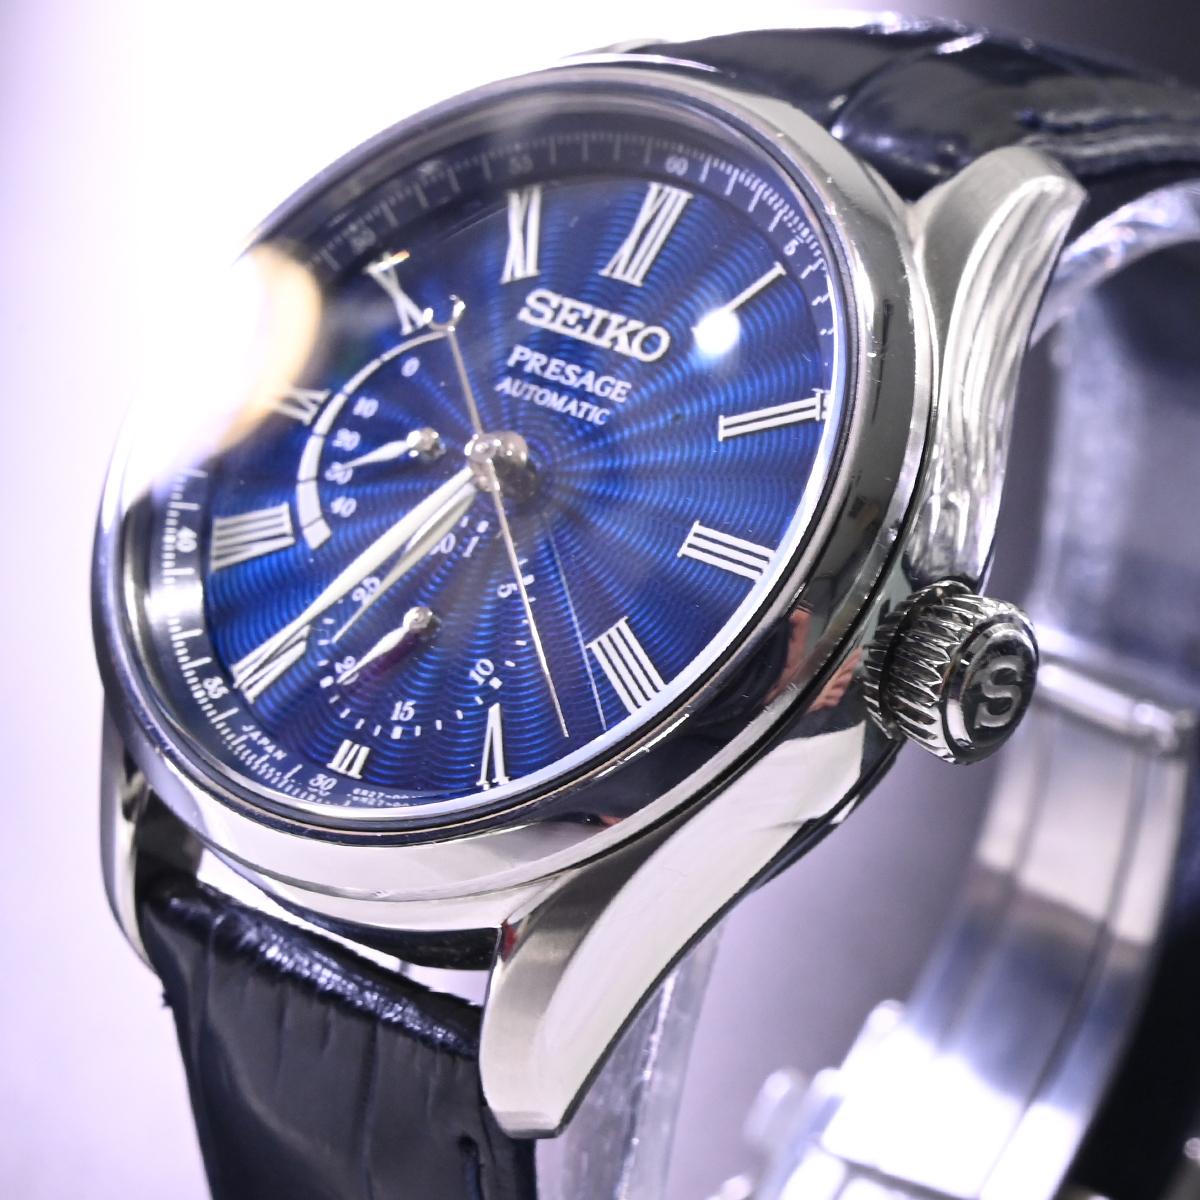 本物 美品 セイコー 限定品 SARW039 エナメル七宝文字盤 メカニカル プレサージュ メンズウォッチ 男性用自動巻腕時計 保証書 取説付 SEIKO_画像4